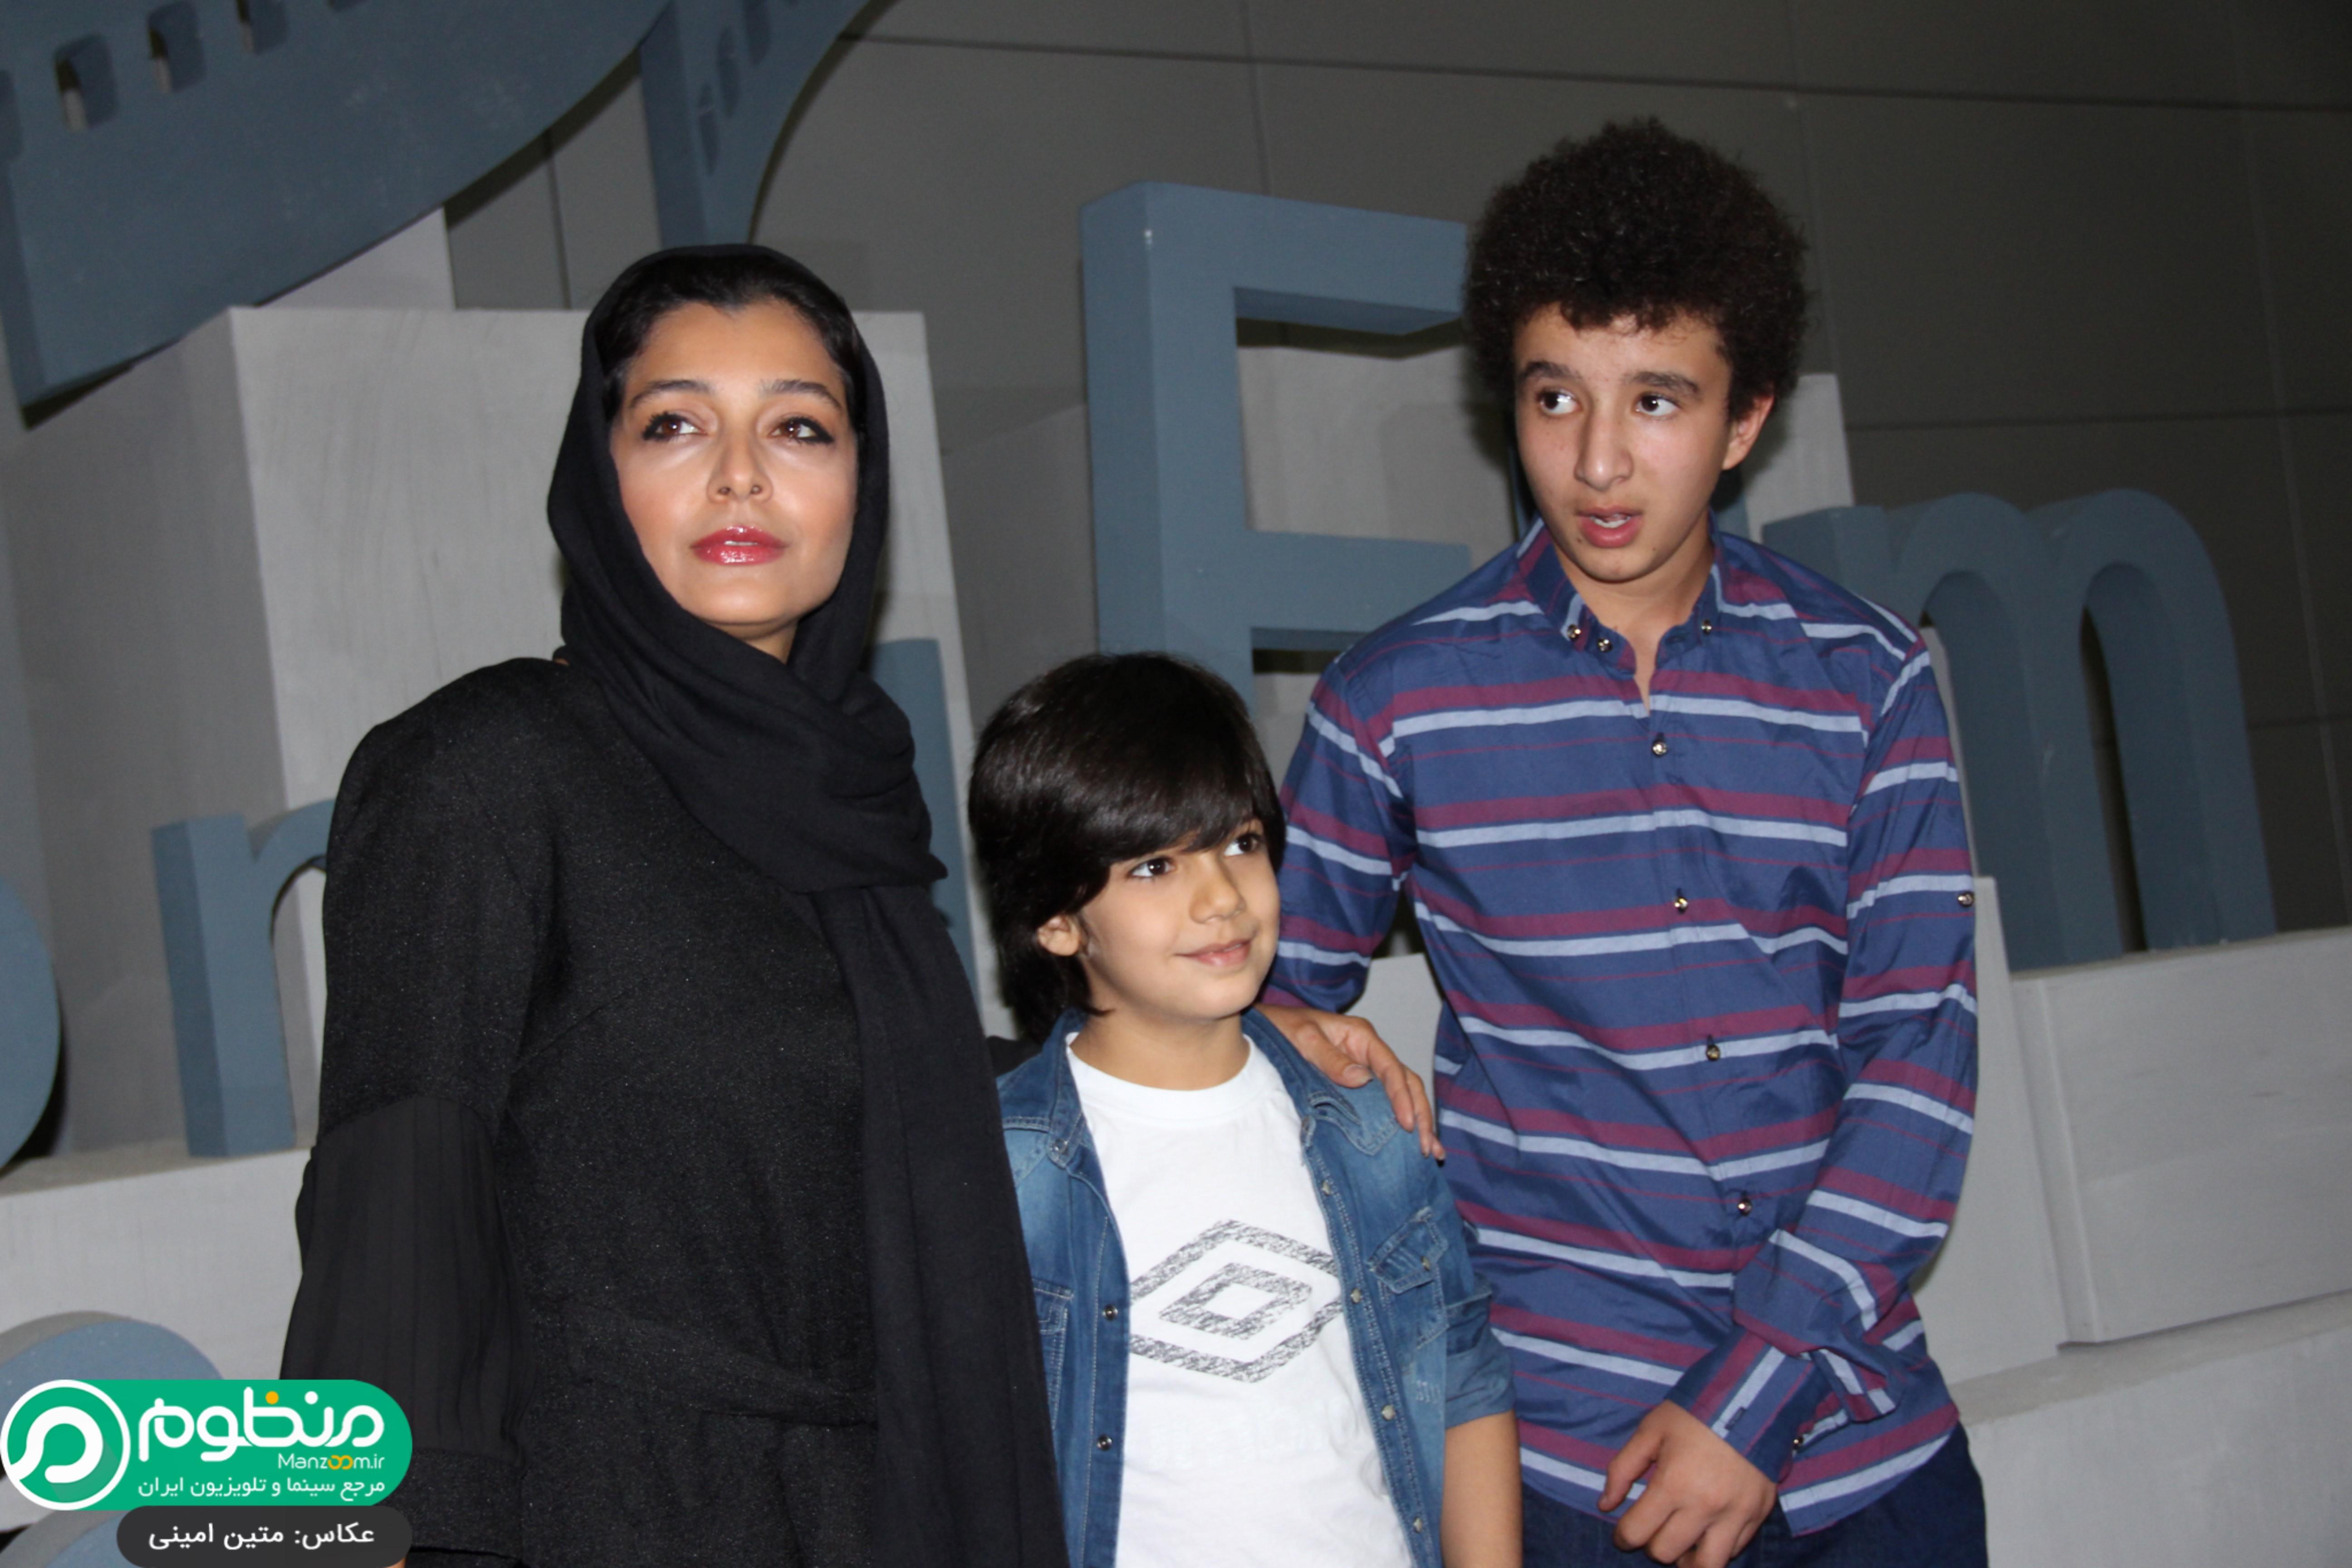 ساره بیات و بازیگران نوجوان فیلم در افتتاحیه فیلم 21 روز بعد